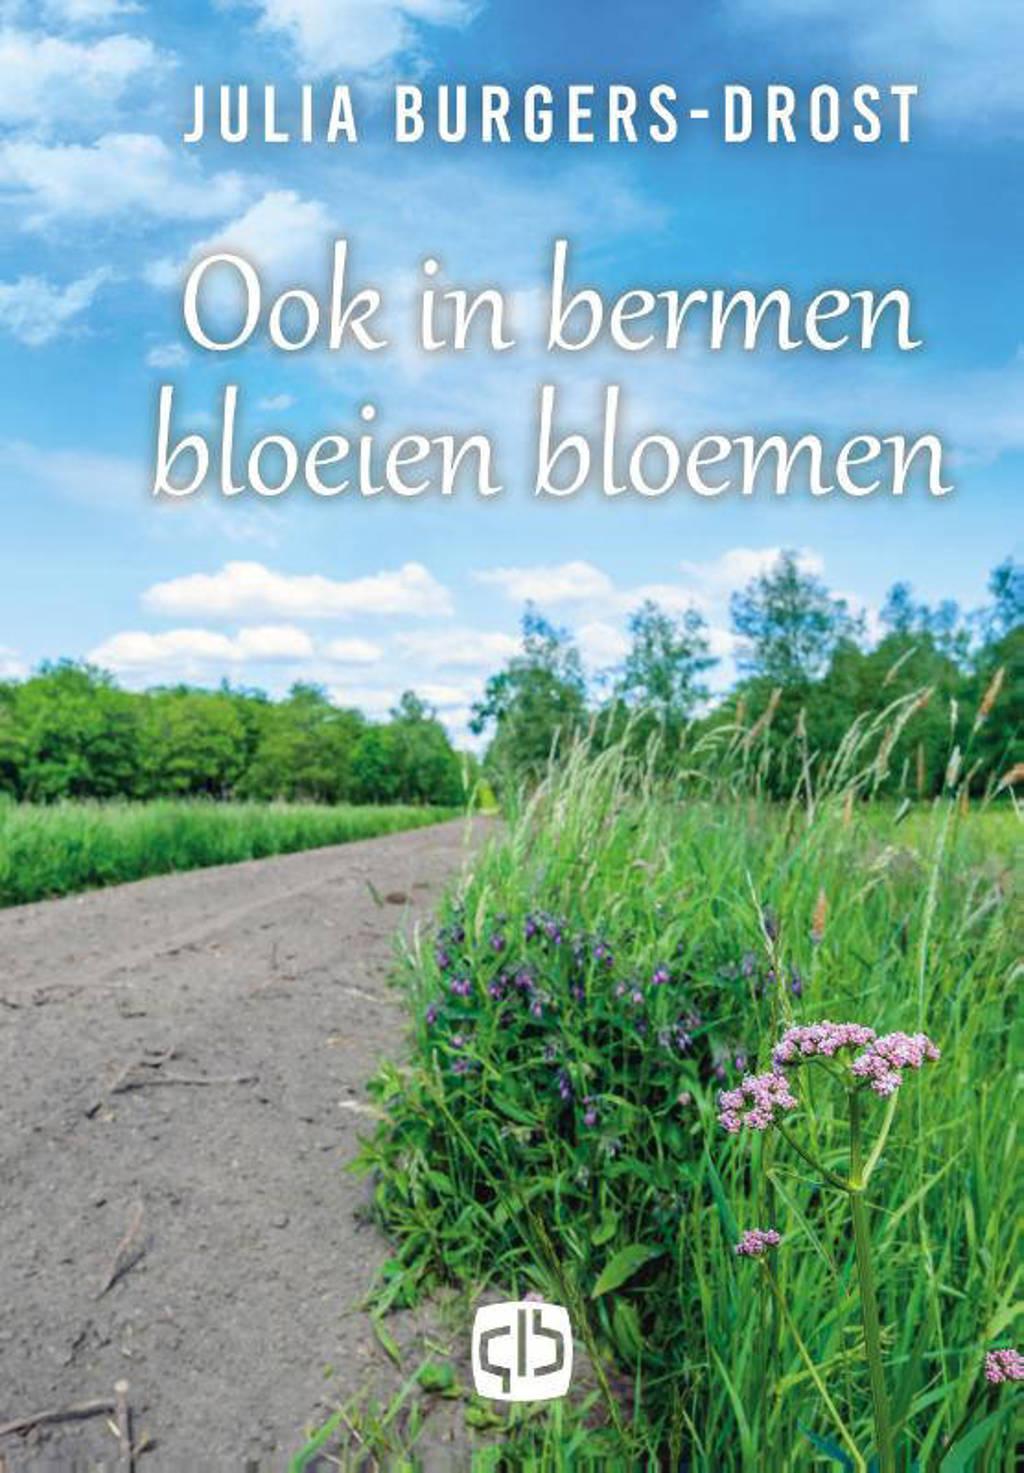 Ook in bermen bloeien bloemen - Julia Burgers-Drost